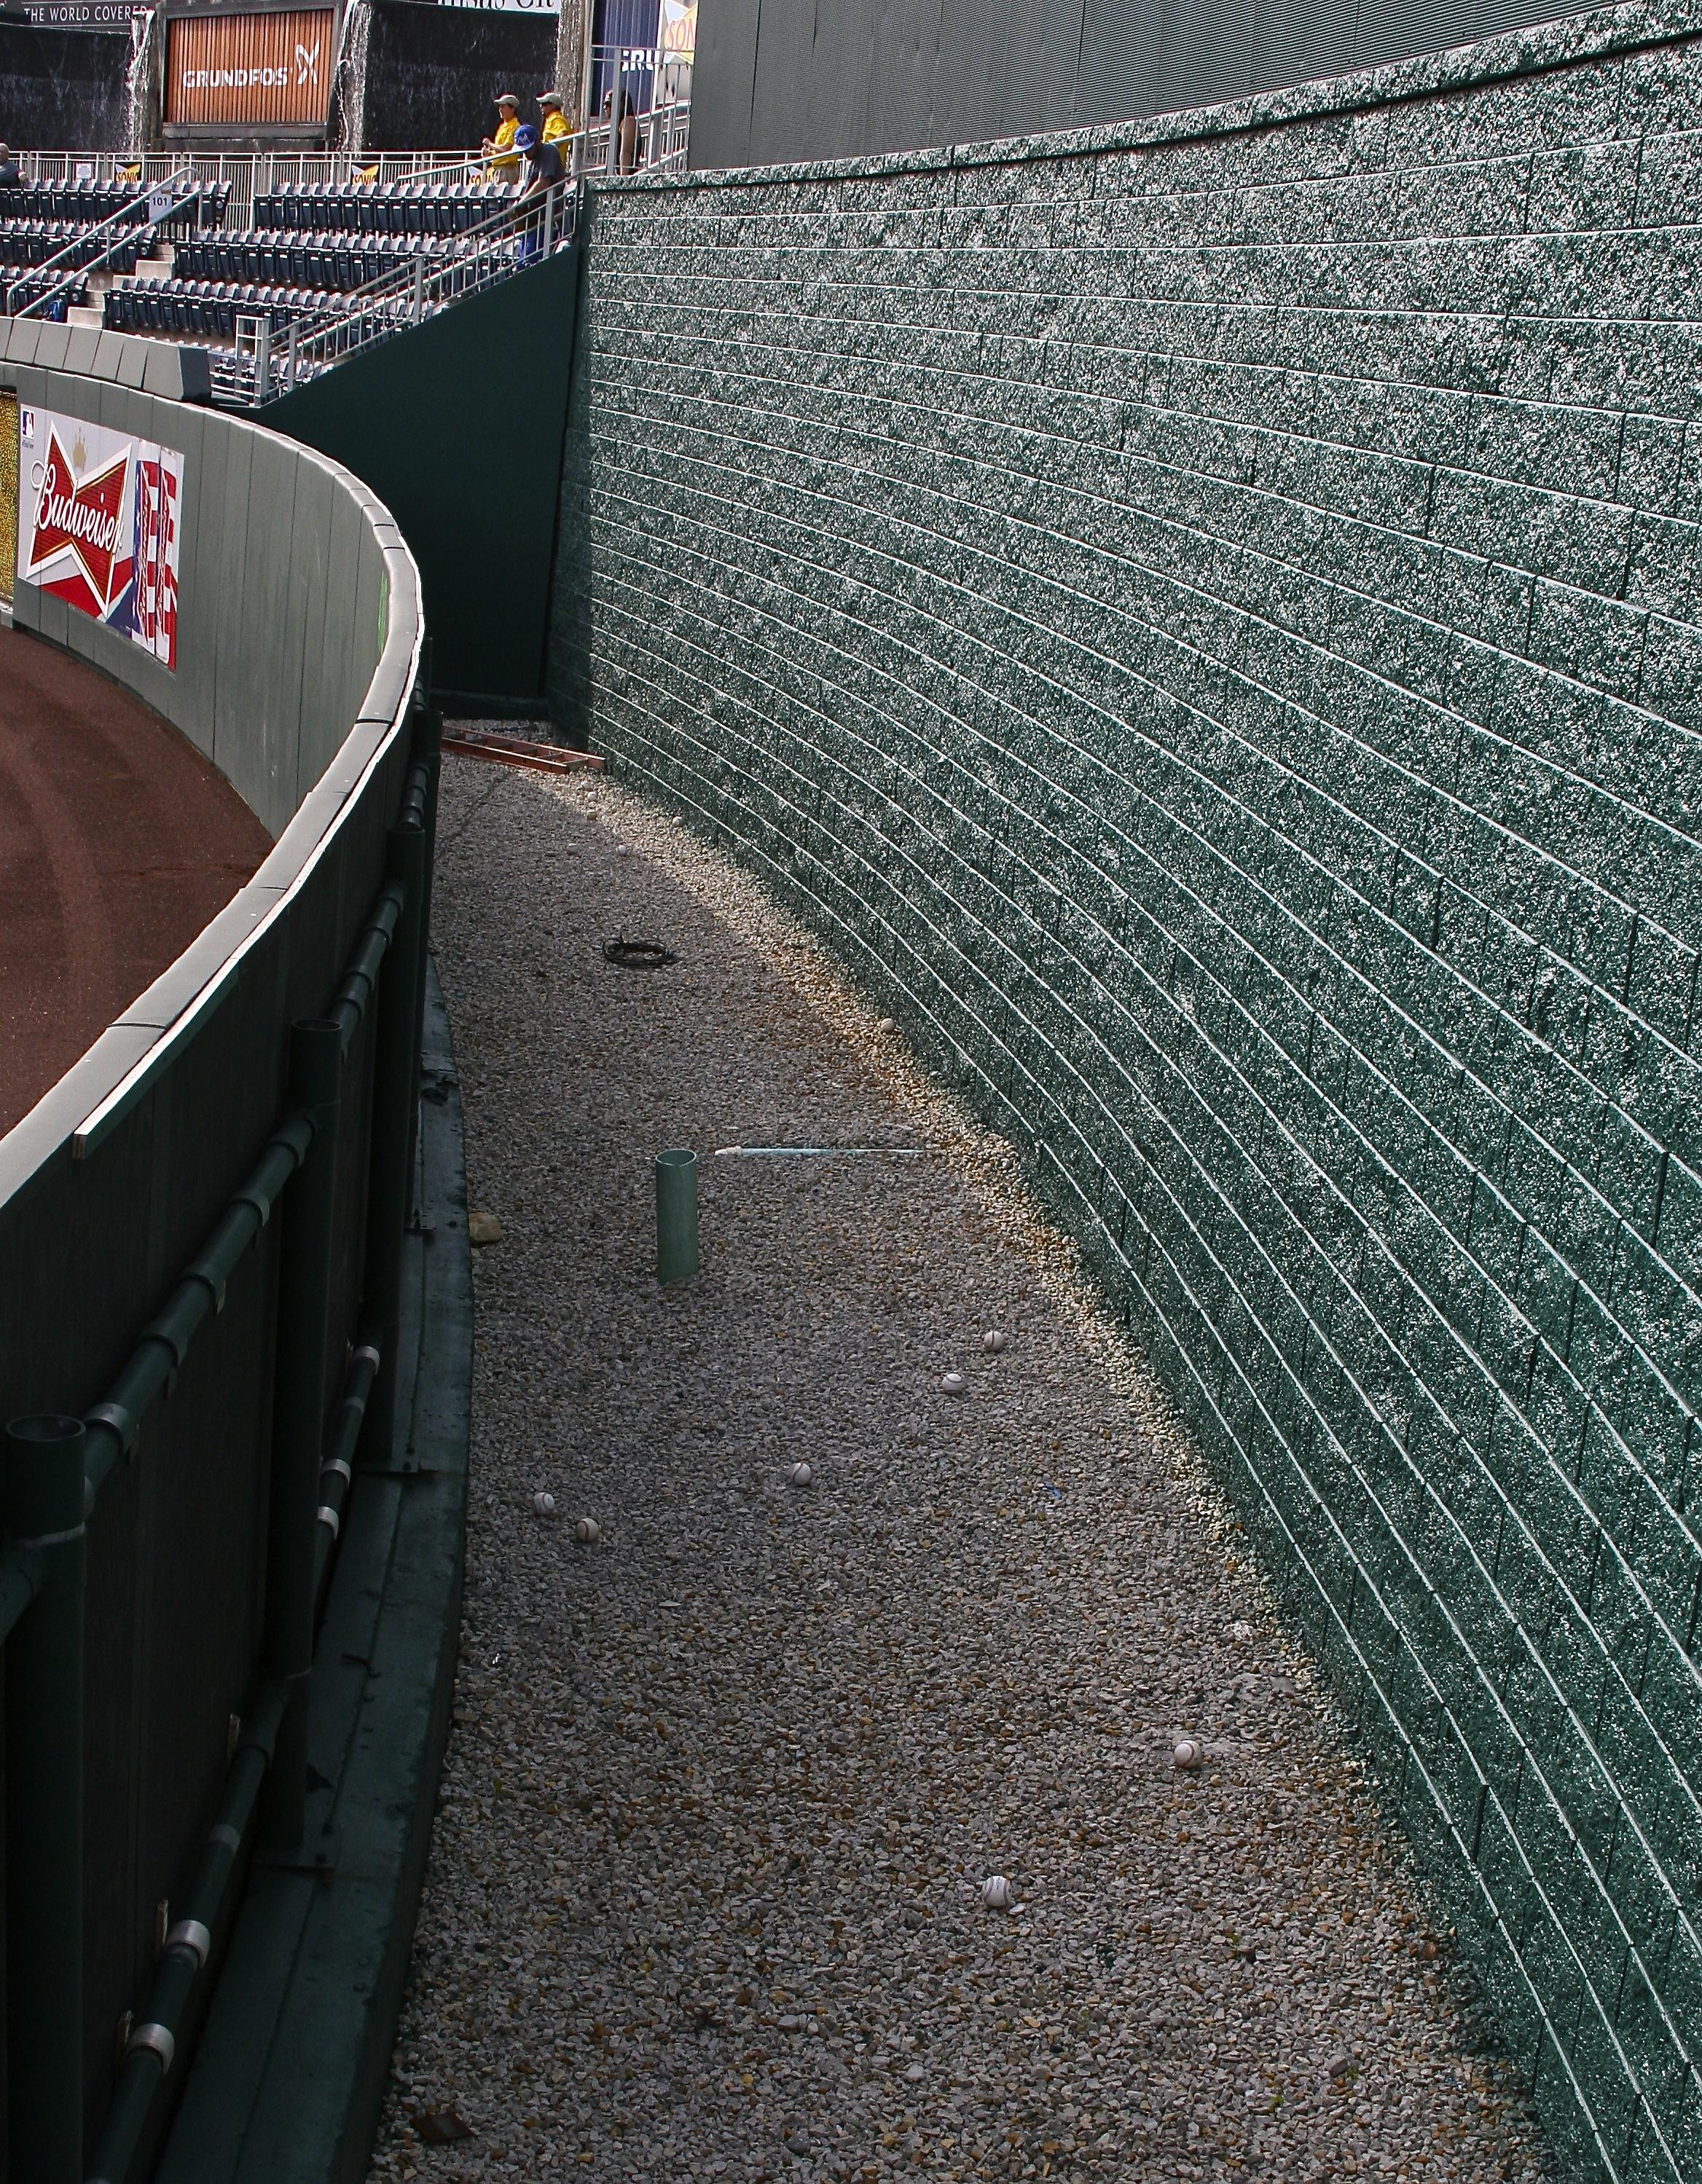 Balls beyond the center field wall